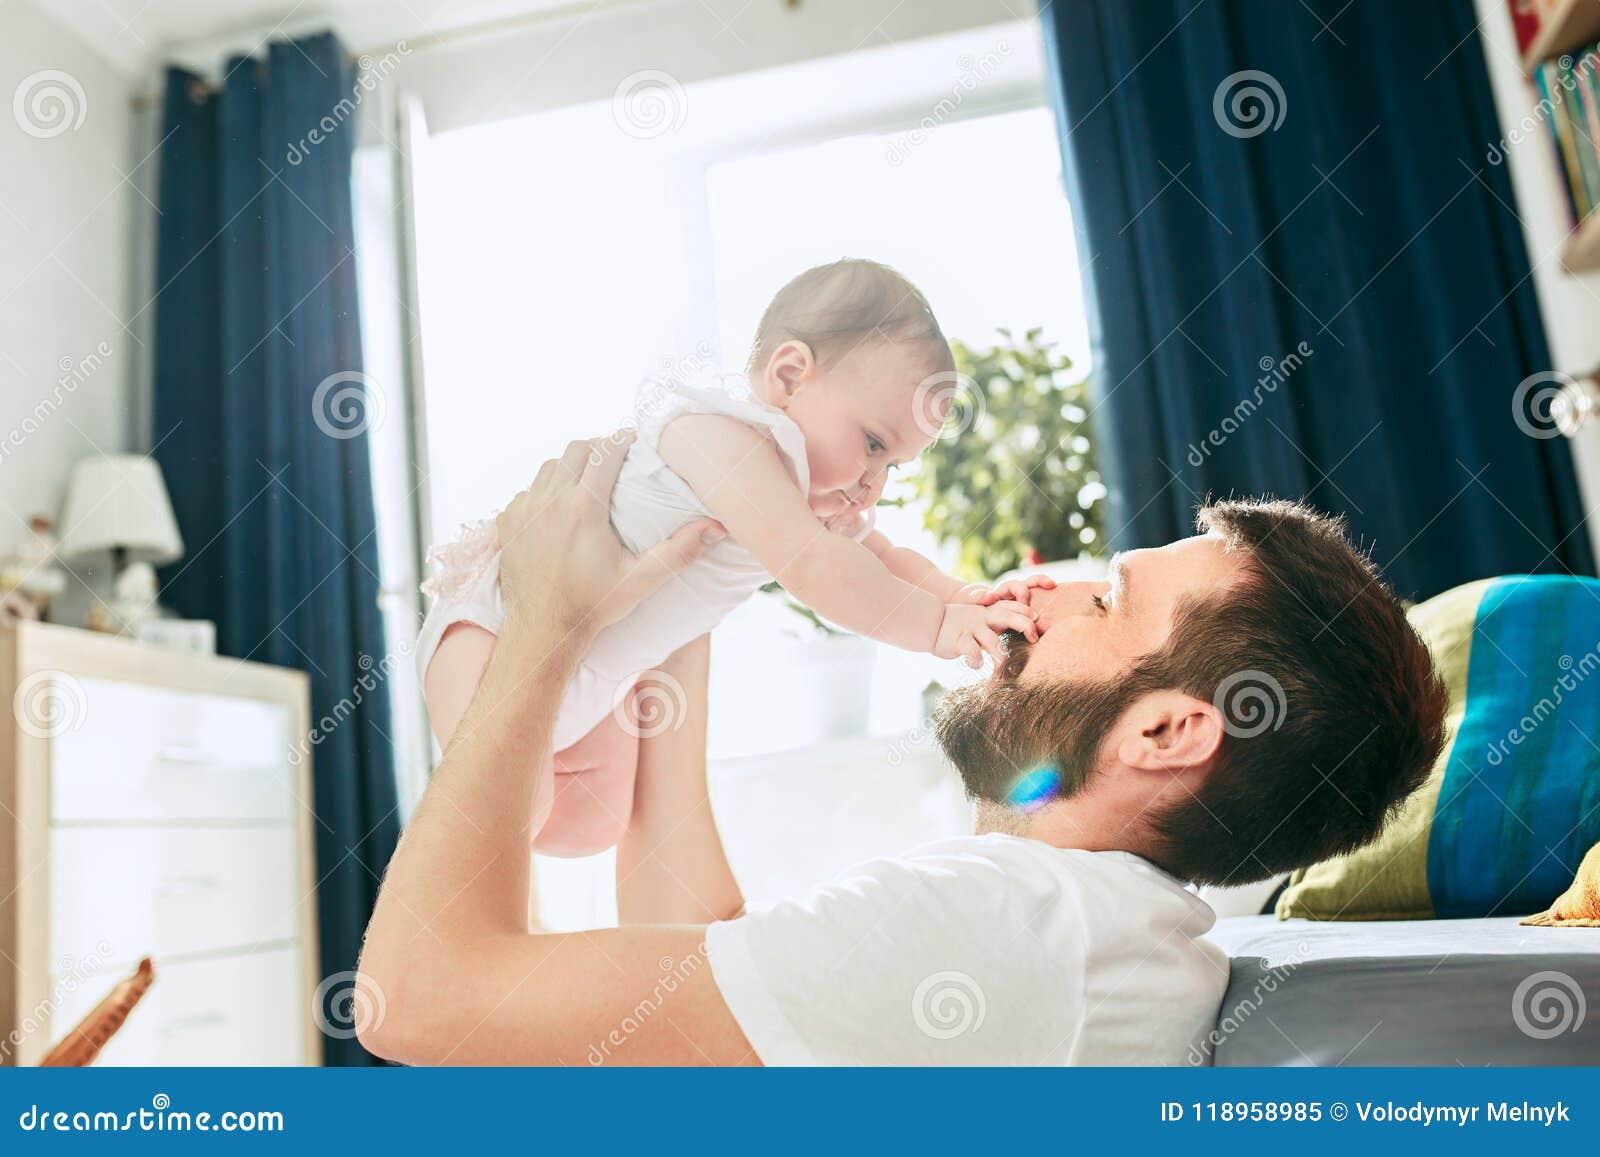 Υπερήφανος πατέρας που κρατά τη νεογέννητη κόρη μωρών του επάνω στον αέρα στο σπίτι